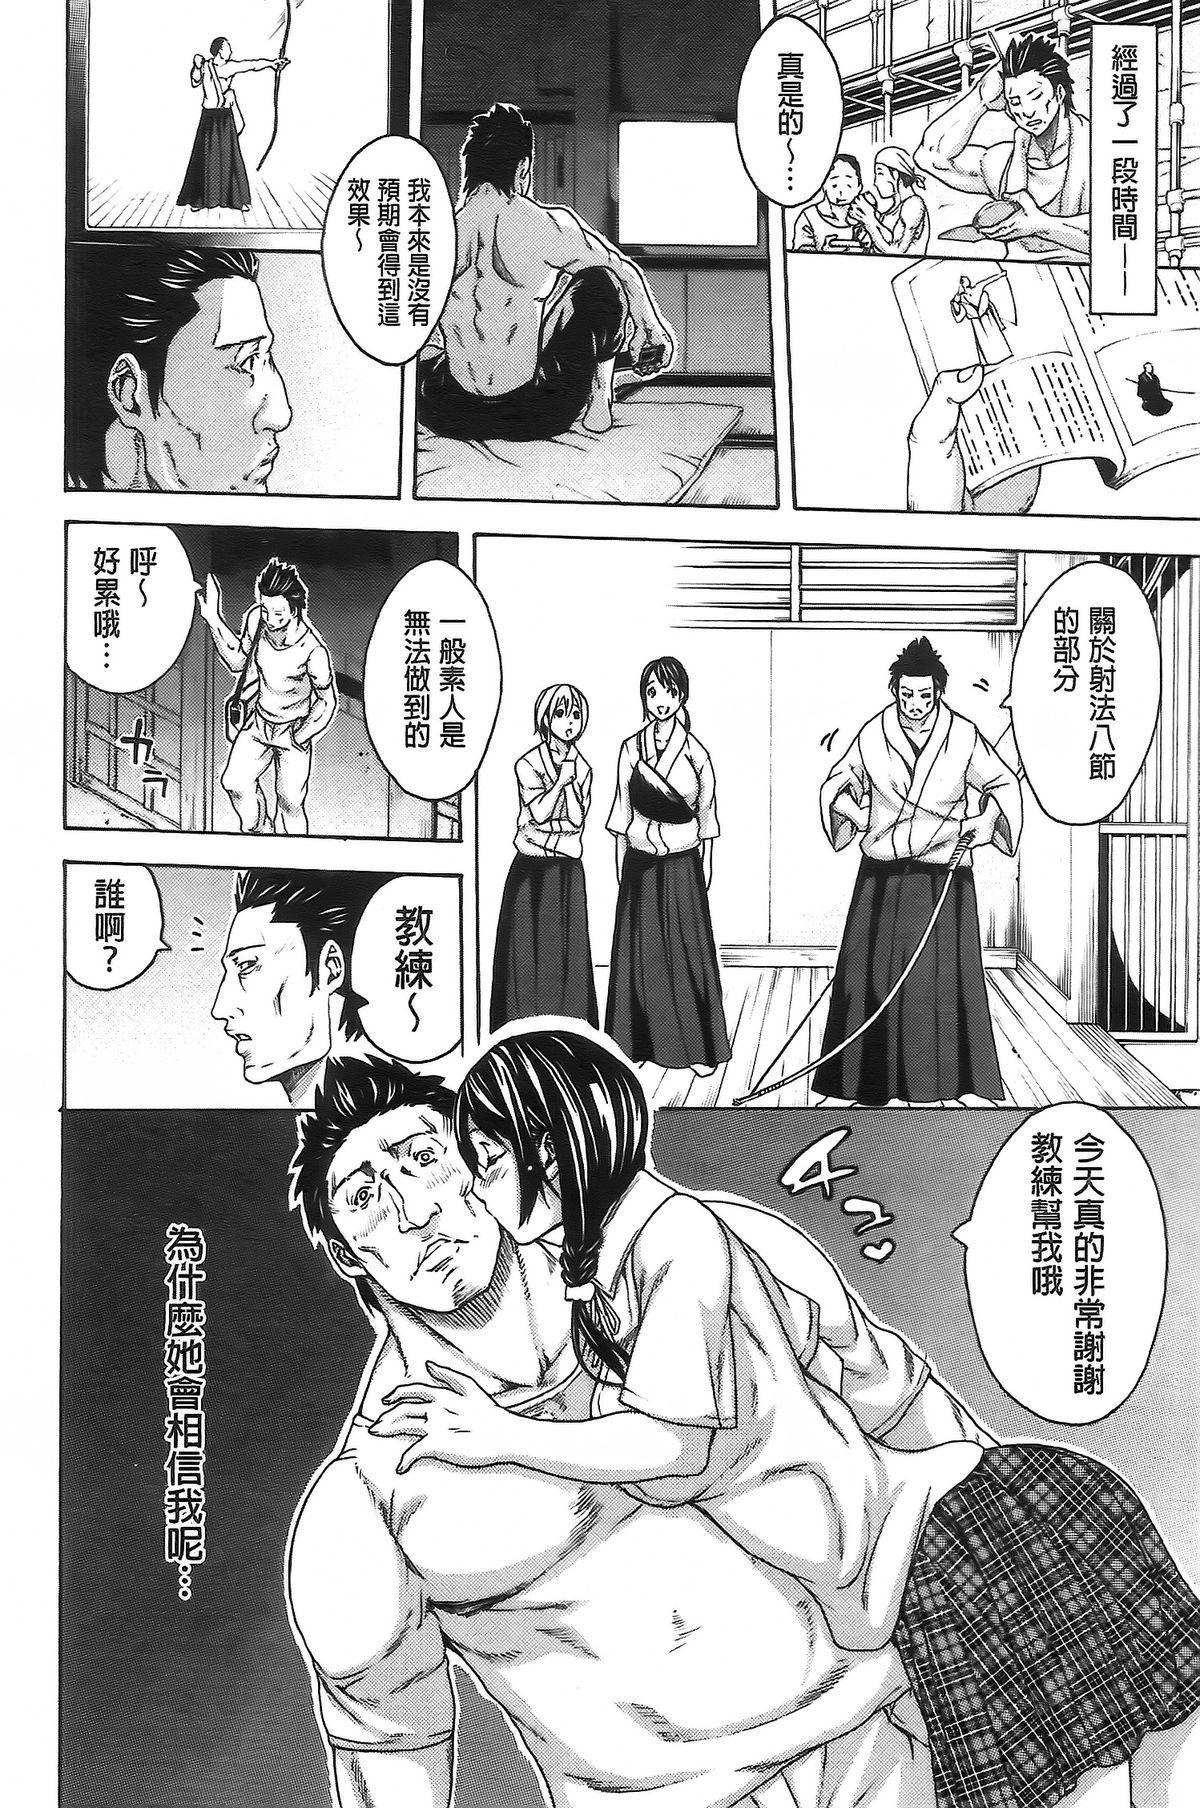 Bukatsu shoujo to amai ase 79